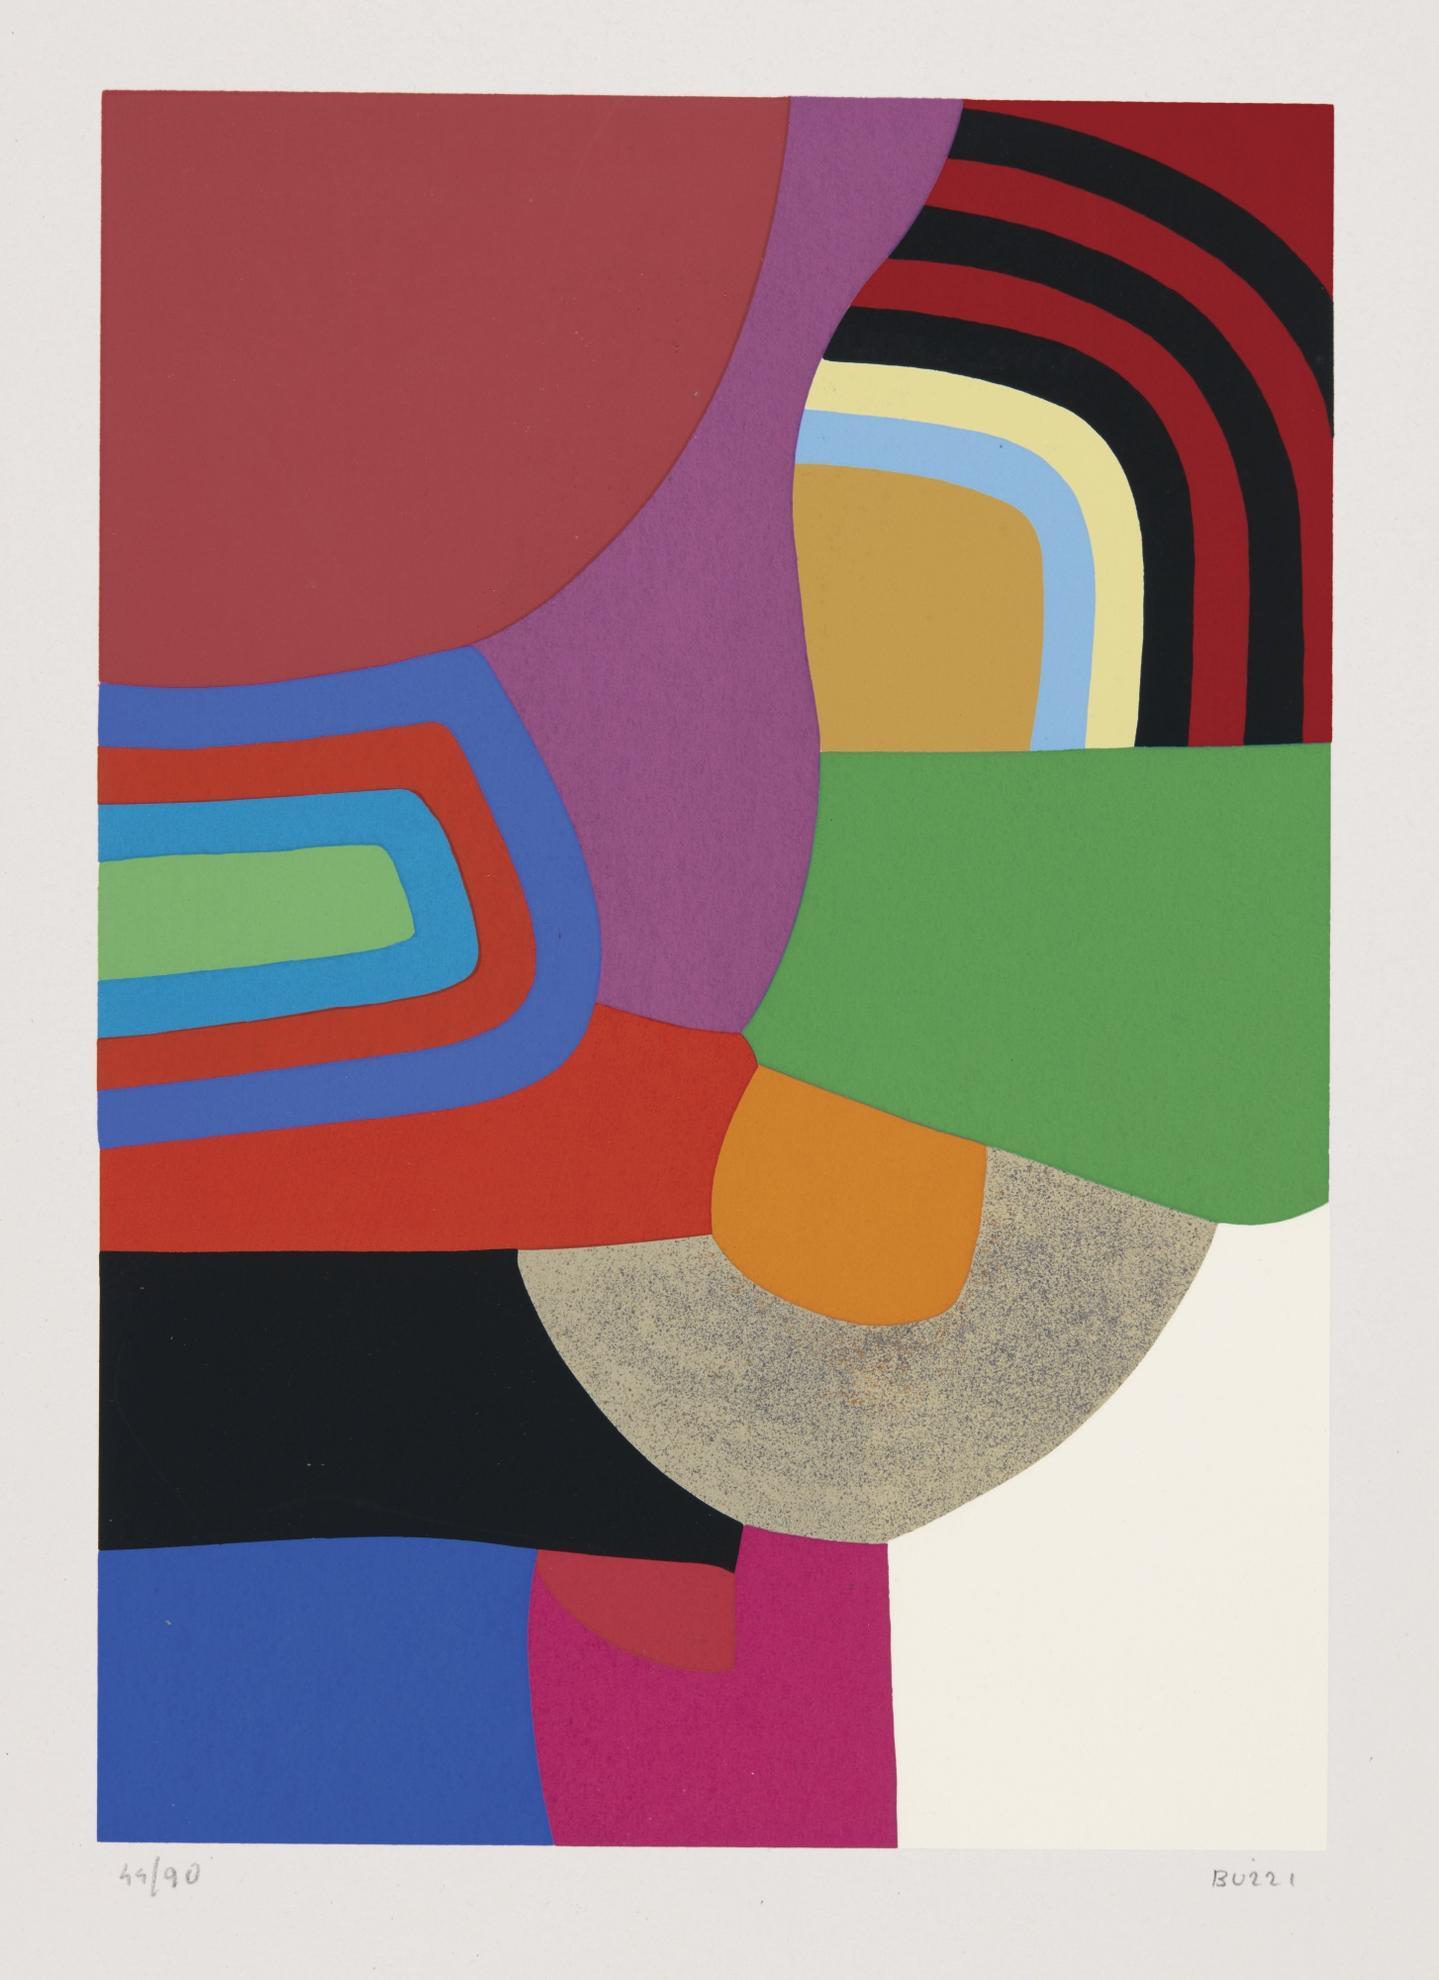 Alberto Burri-Untitled (Calvesi 45-50)-1976